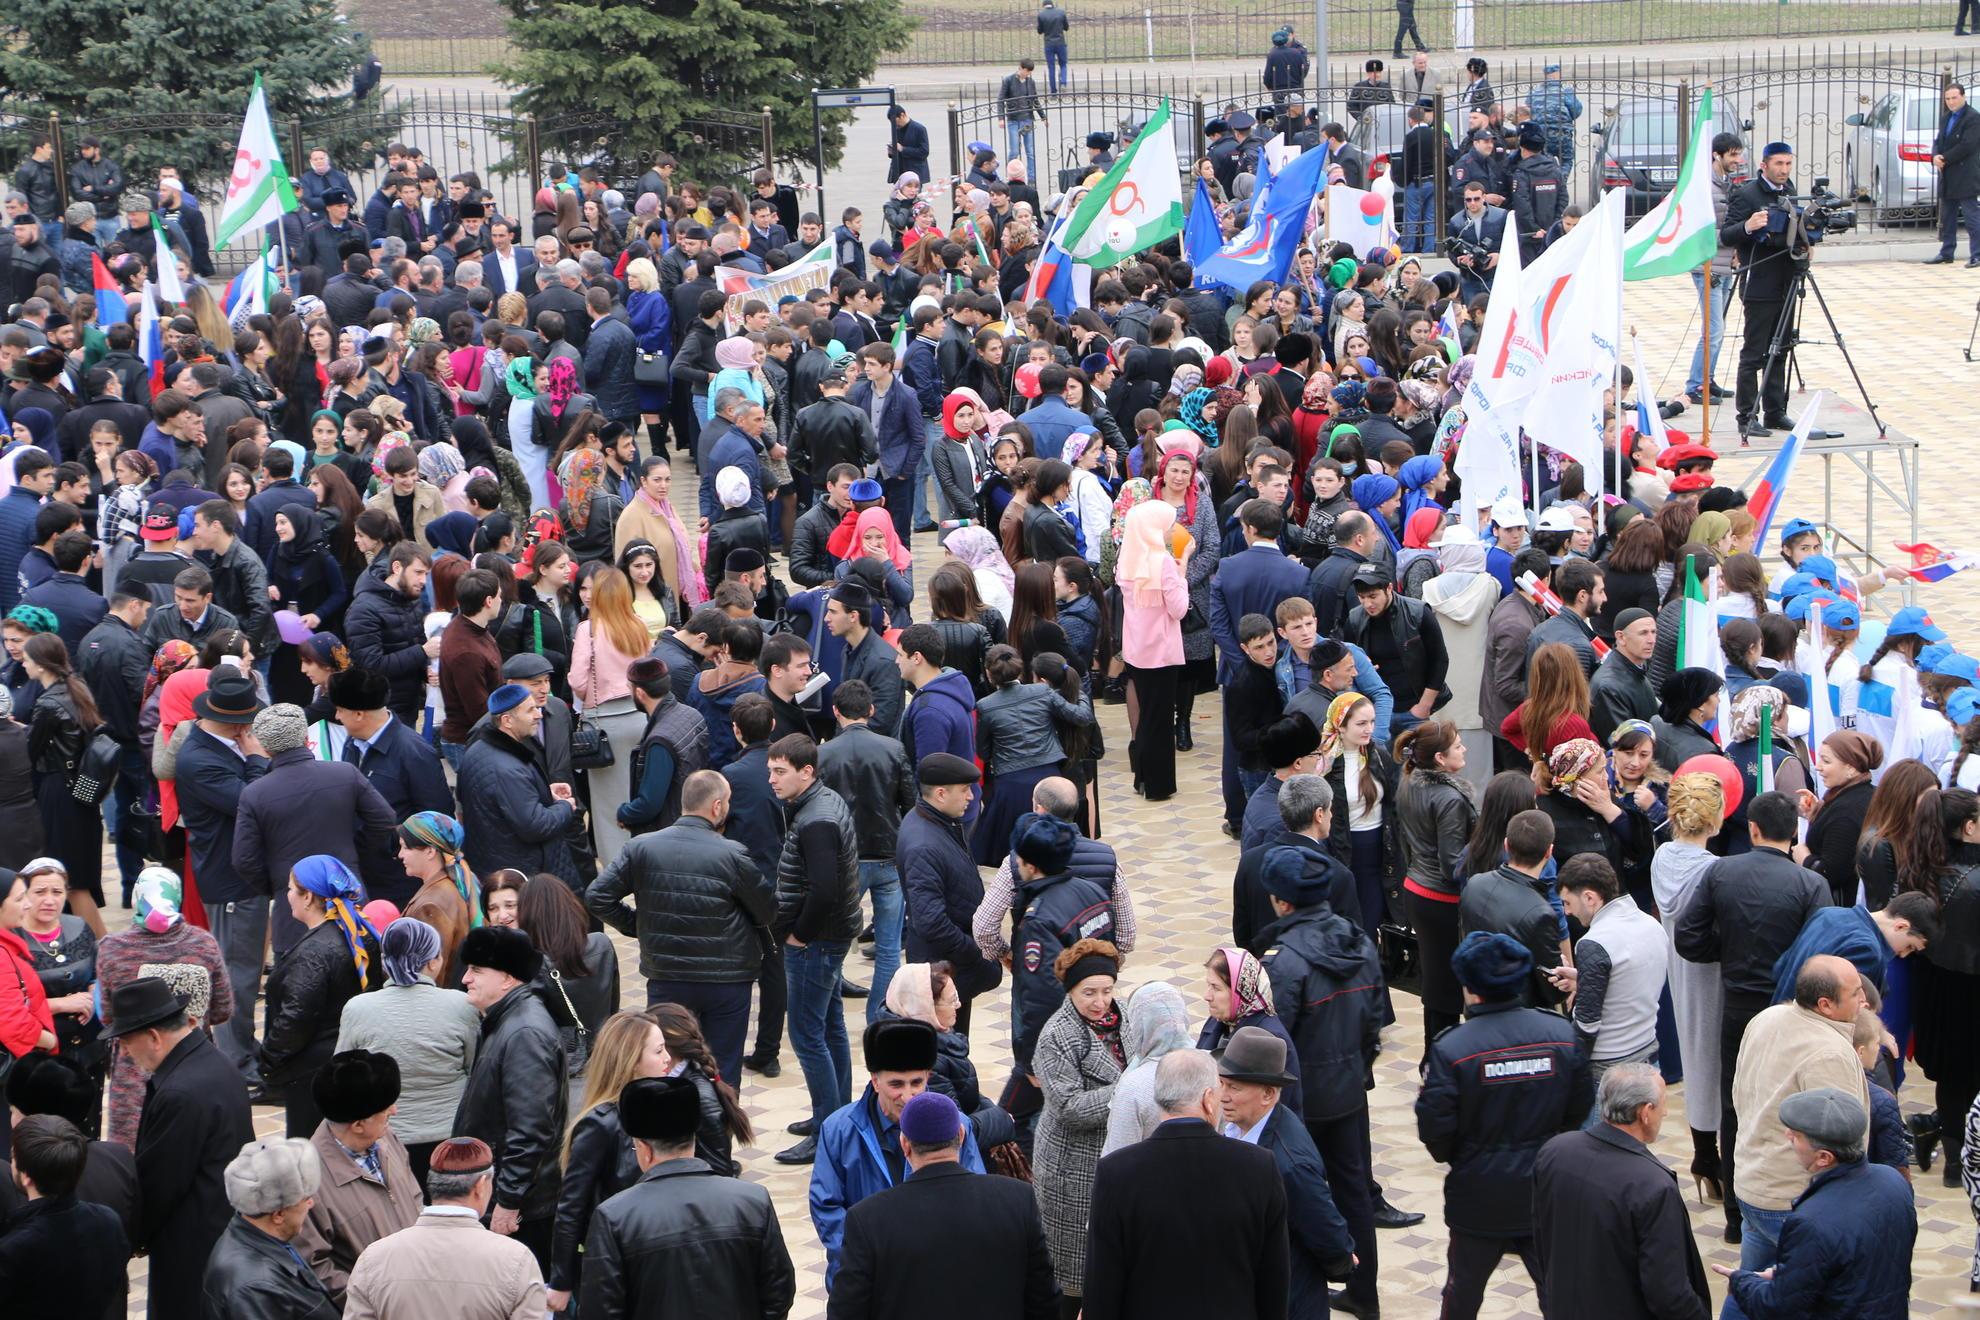 ИНТЕРФАКС: Суд признал законным отказ правительства Ингушетии выделить площадку для митинга в Магасе